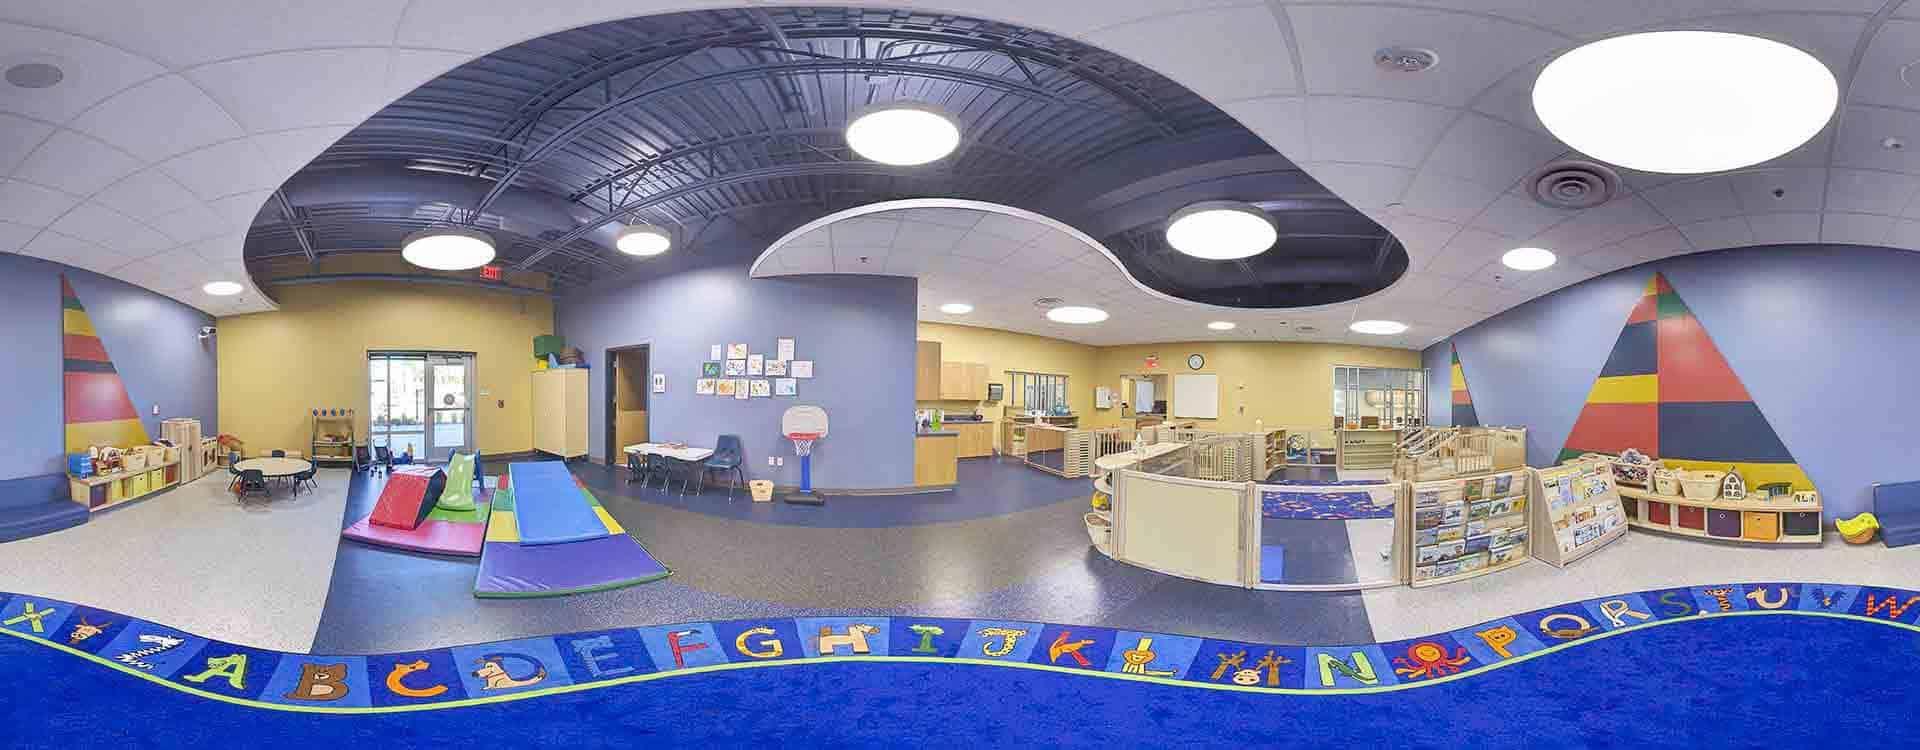 Google Virtual Tour Panorama Childcare